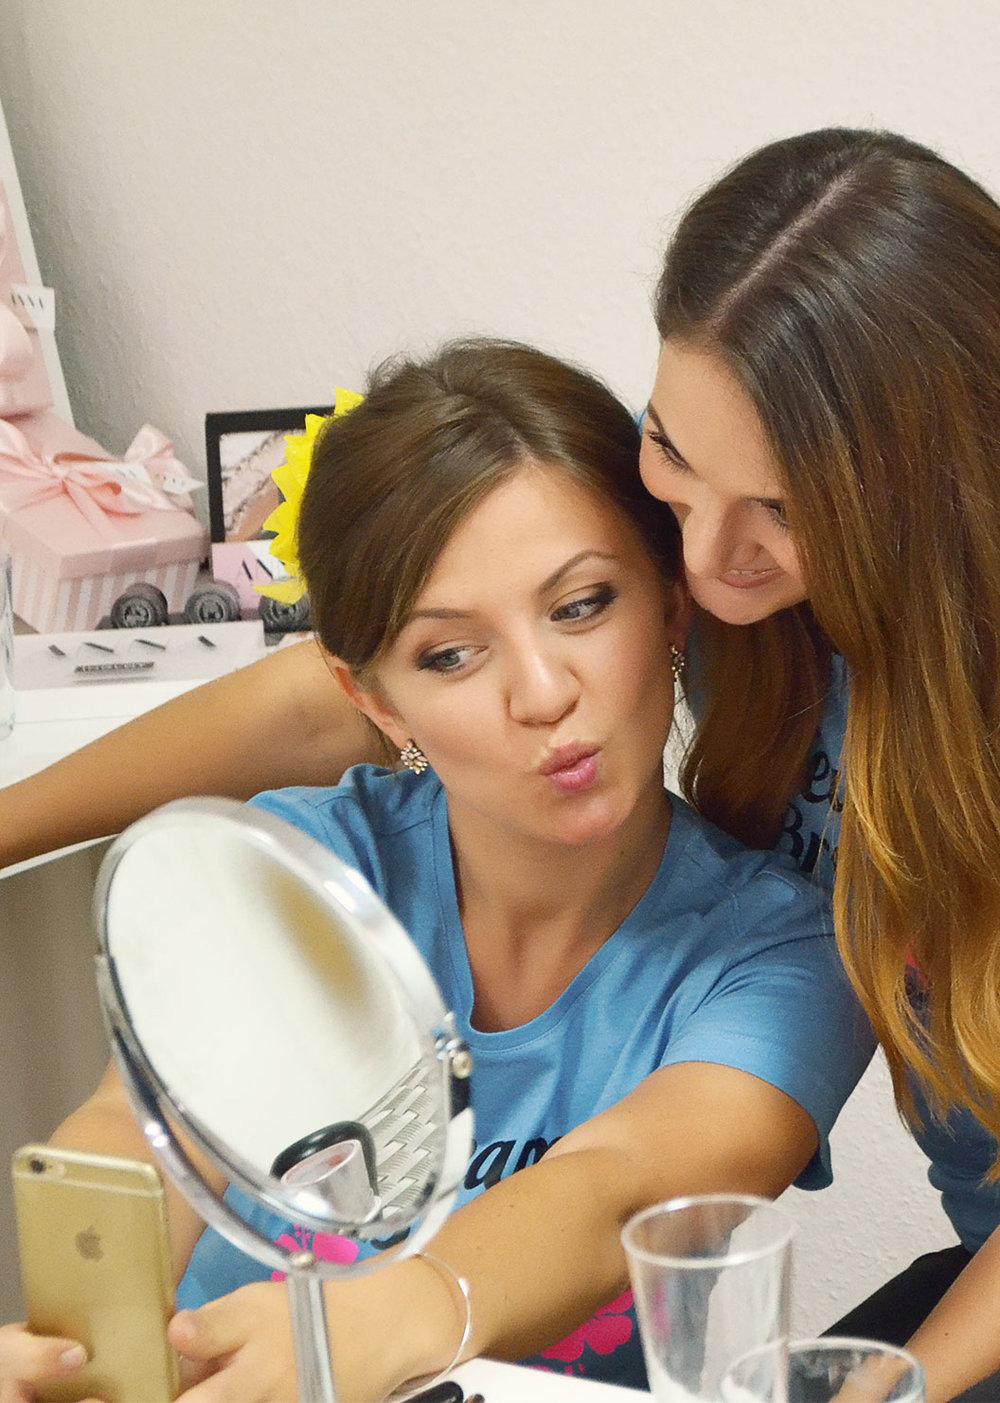 JGA Make-up party - Ihr werdet die wichtigsten Tipps und Tricks zum Thema Make-up erfahren. Am Ende des Abends haben alle Mädels garantiert ein schönes Makeup und beste Laune.